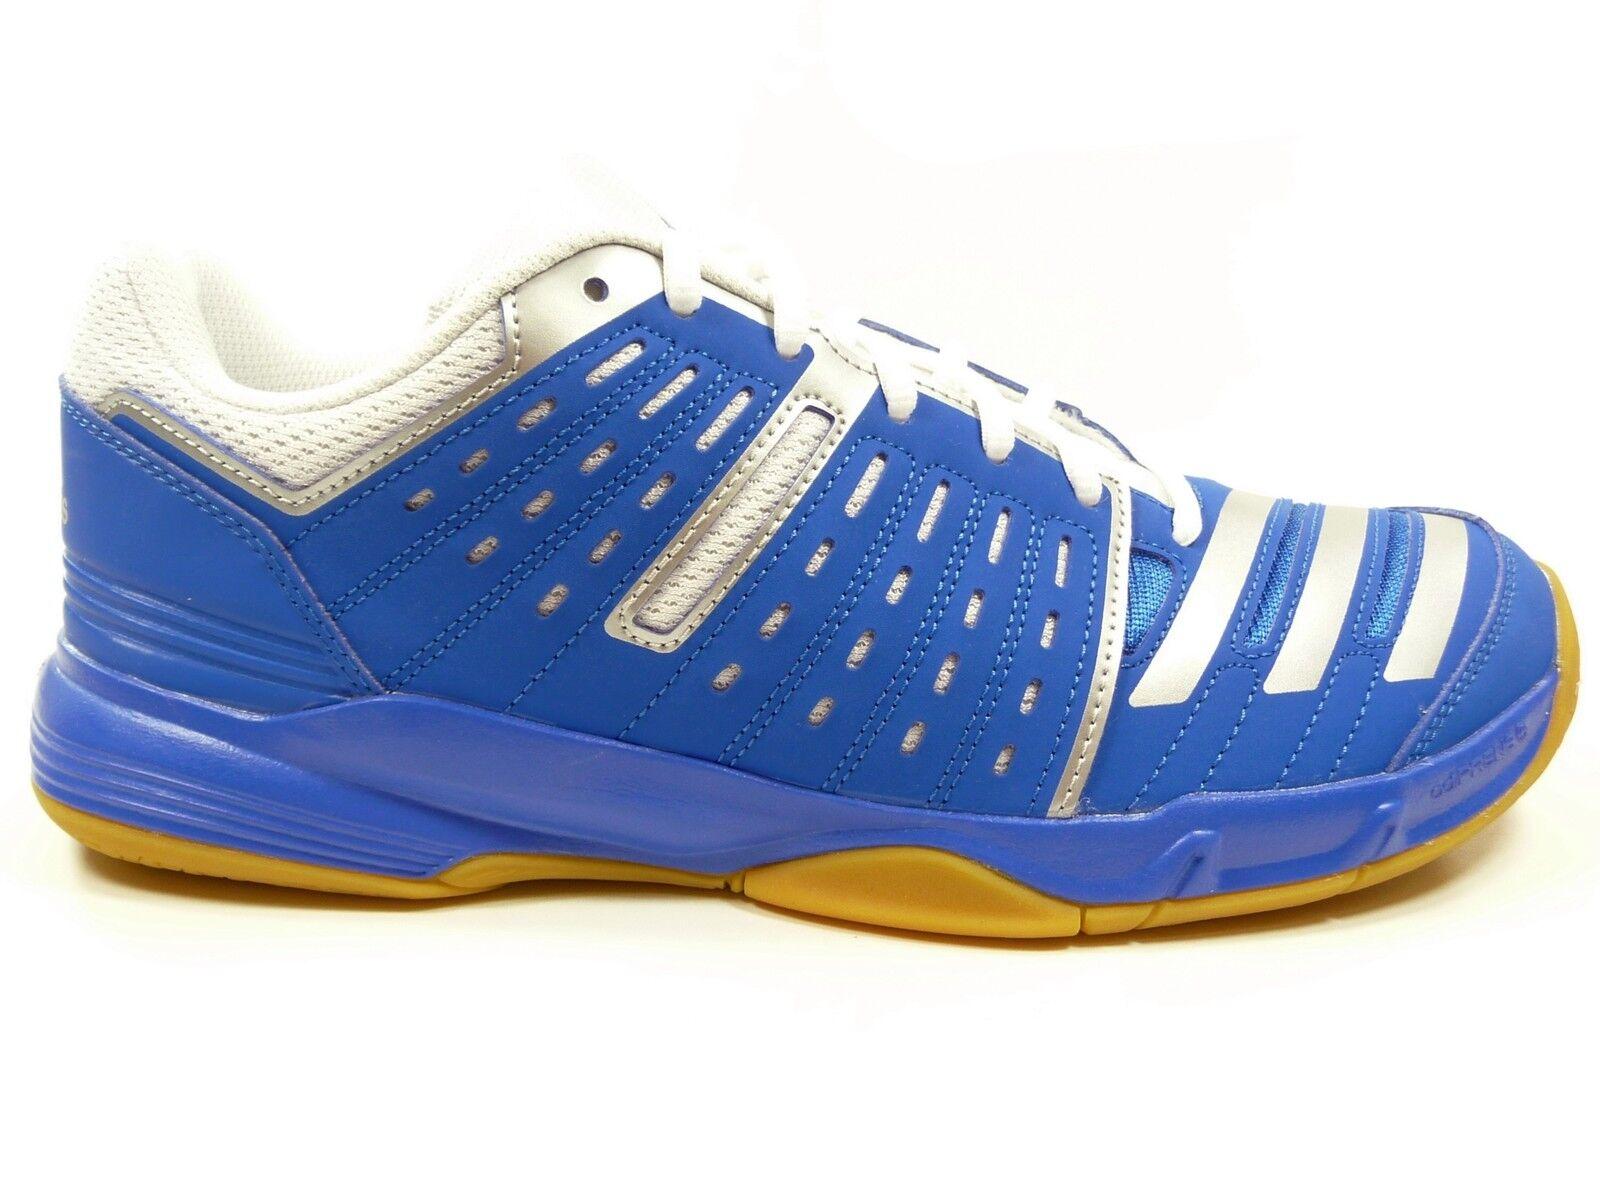 adidas Sportschuhe Indoor-Hallenschuhe in Blau Weiss Silber (Essence12 B33033)